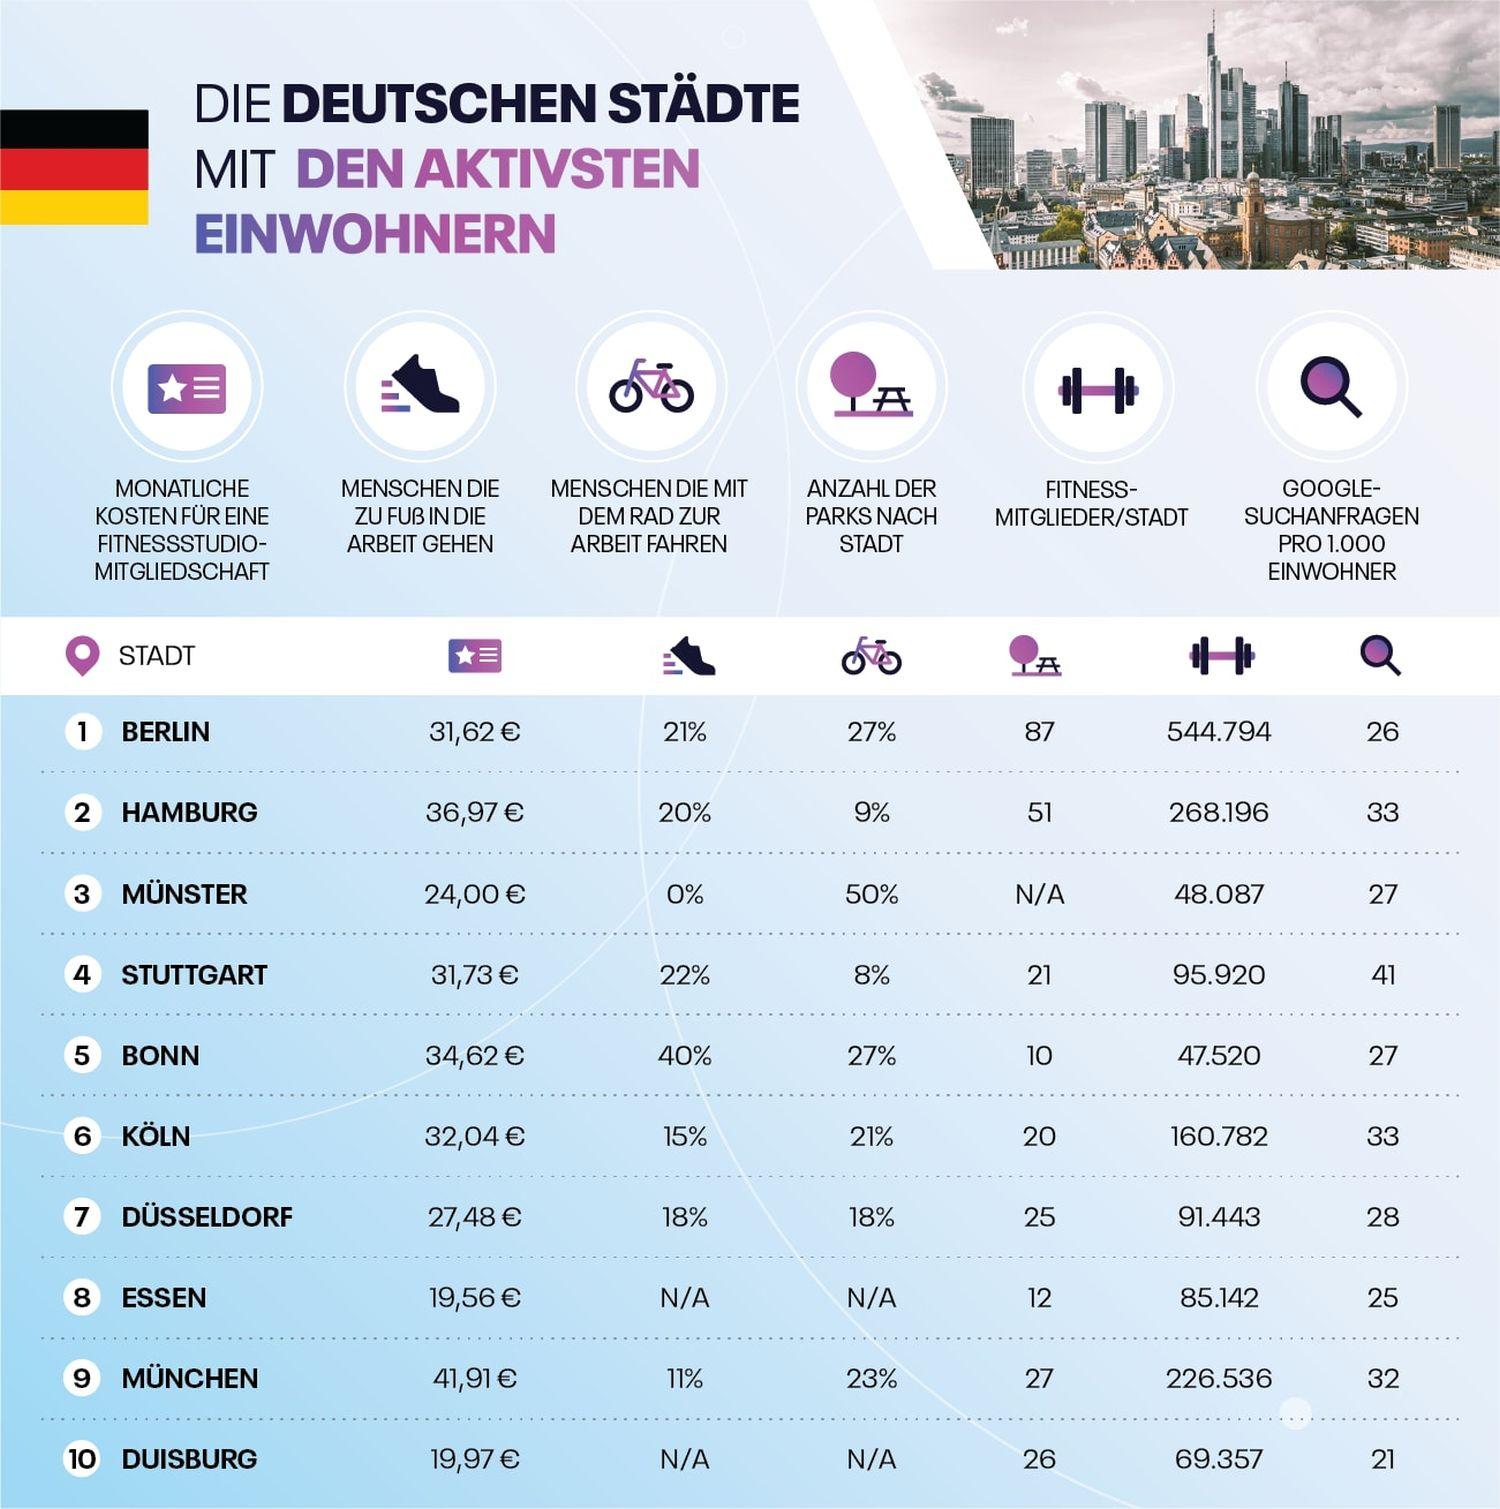 Die aktivsten Städte Deutschlands